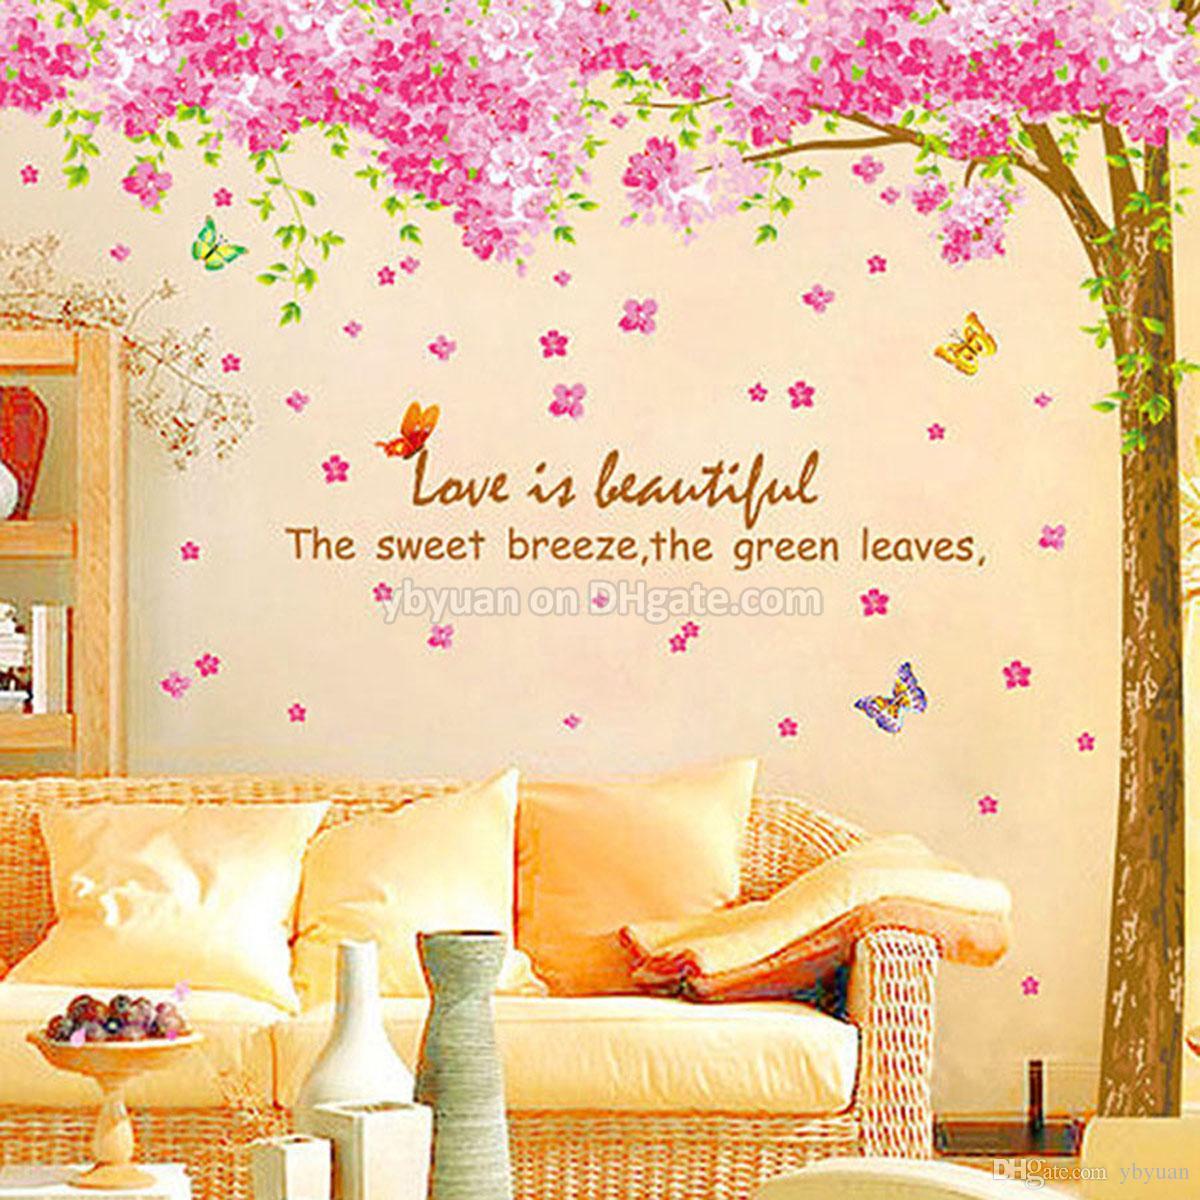 XL Cherry Blossom Arbre Wall Sticker Amovible Sakura Fleur Stickers Décoratifs Salon TV Canapé Contexte Sticker Décor À La Maison 2 PCS / Ensemble